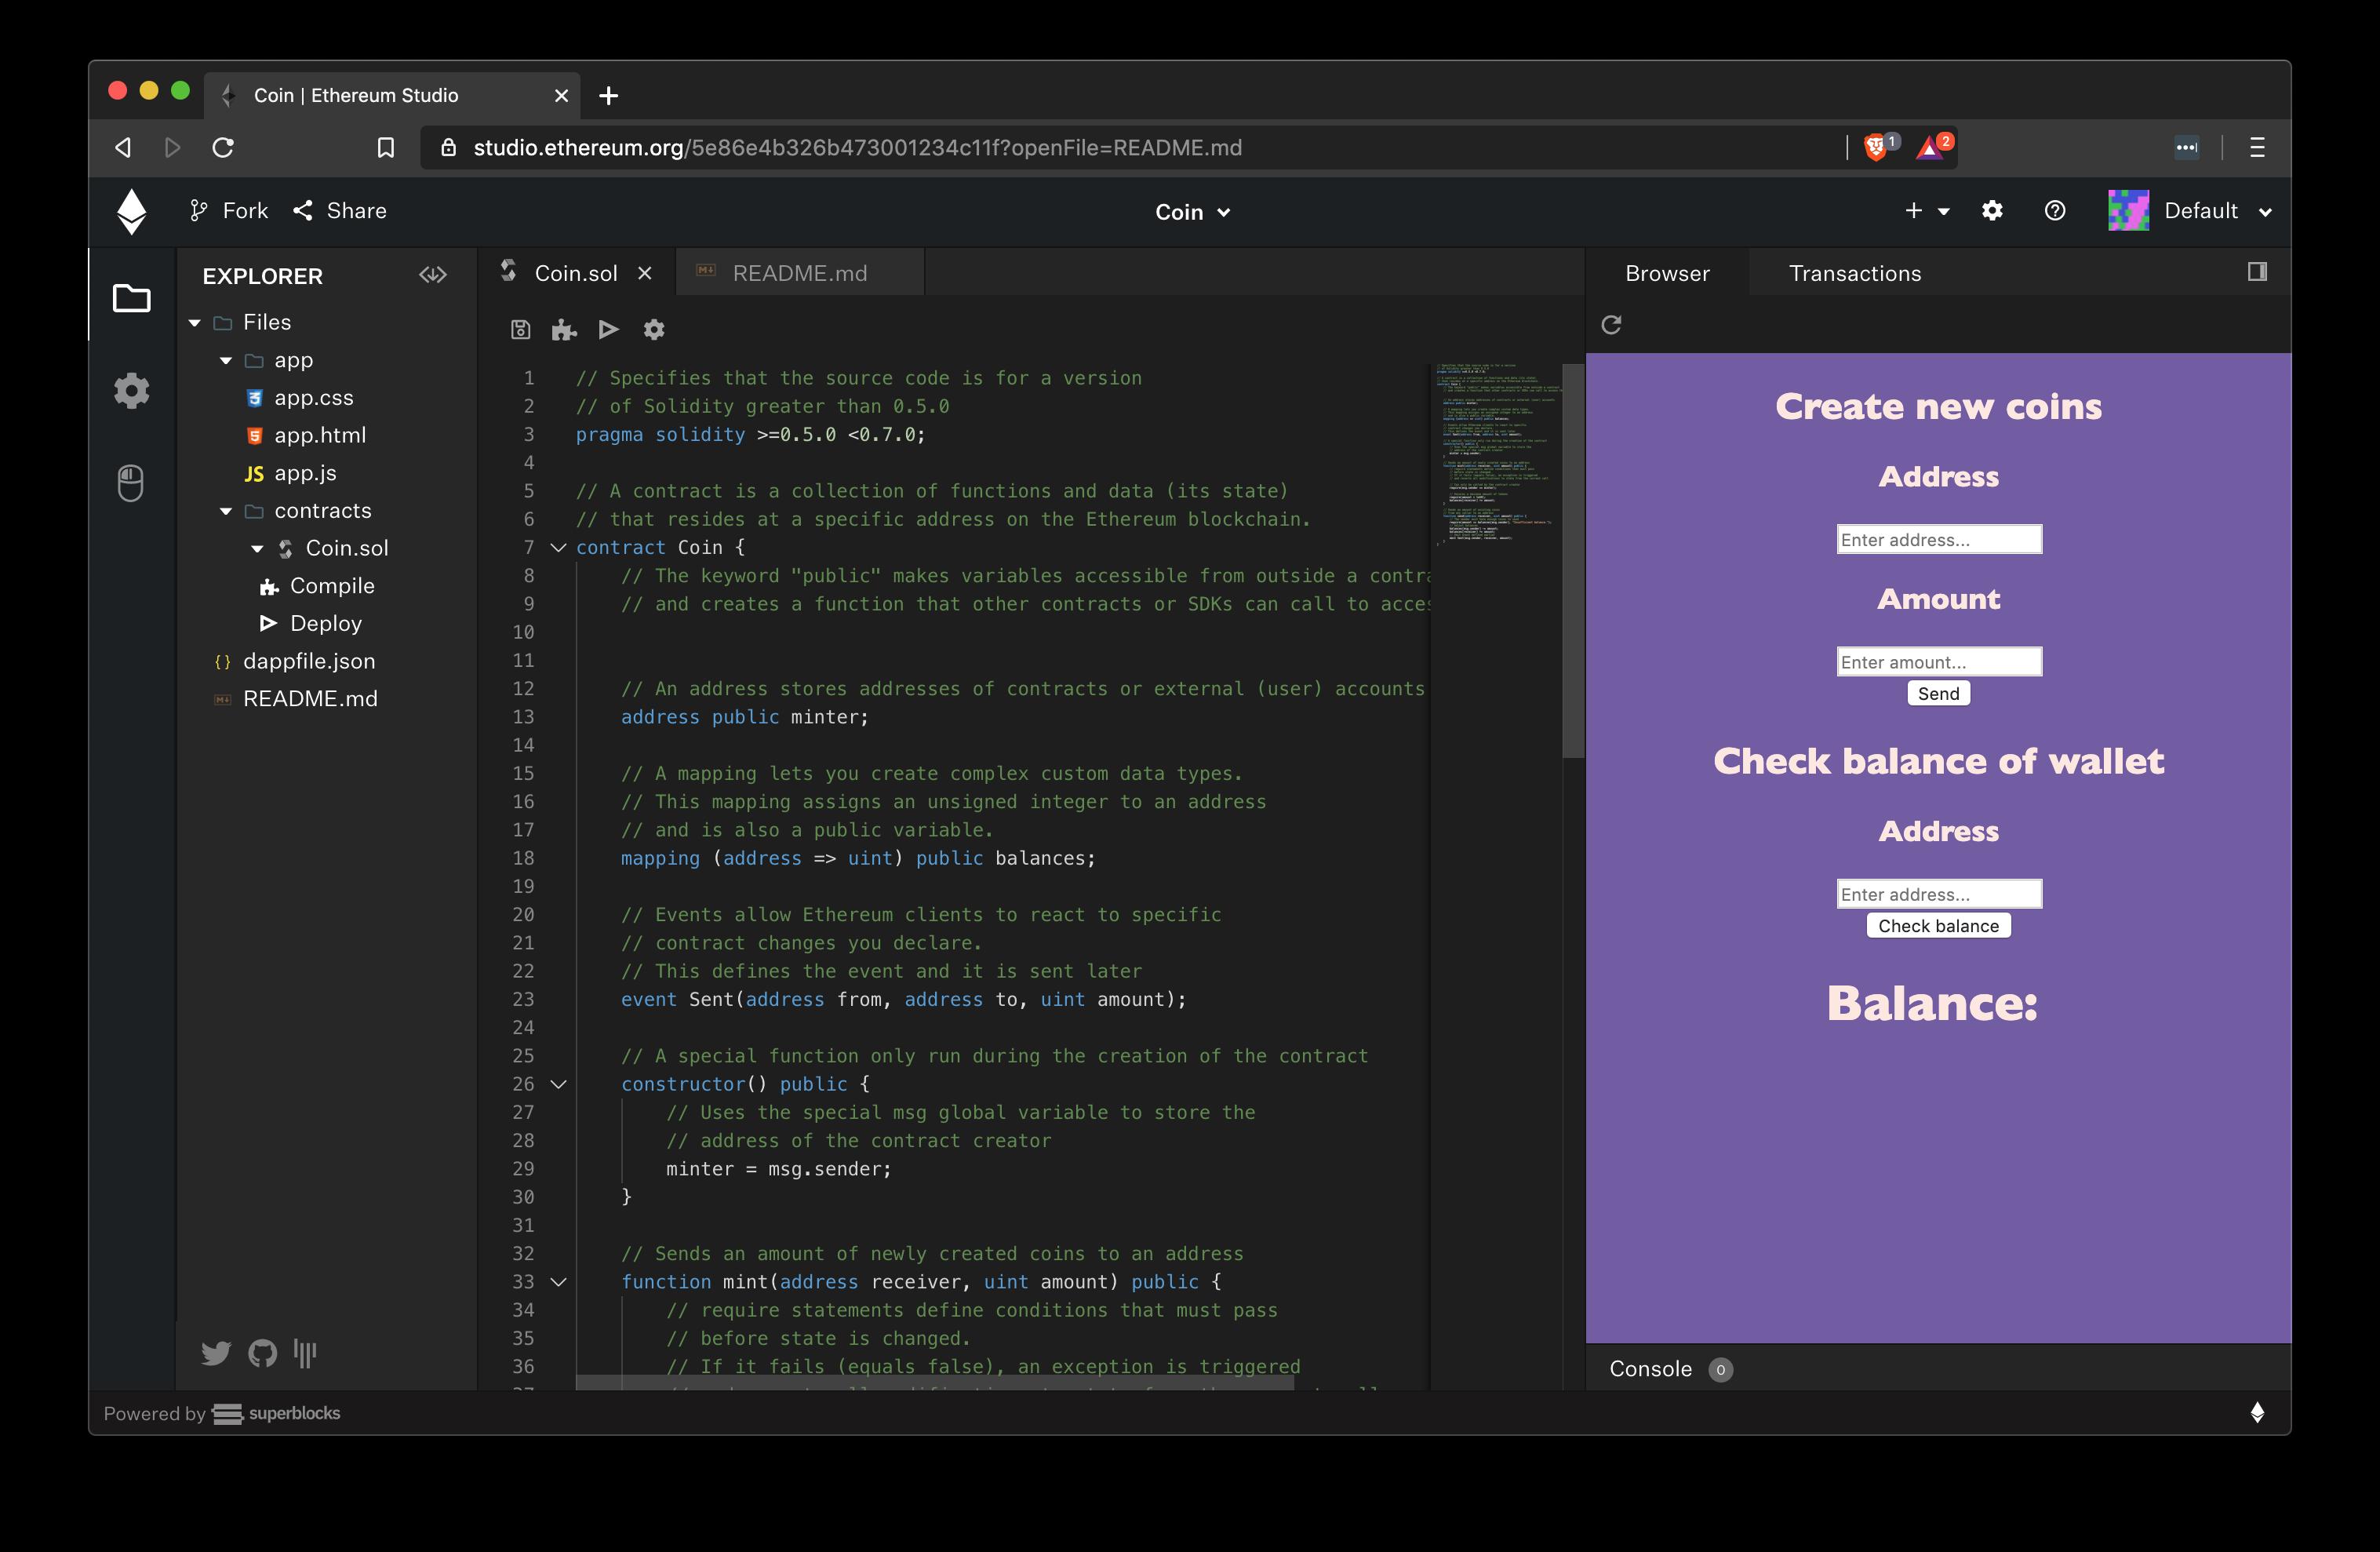 Ethereum Studio in action